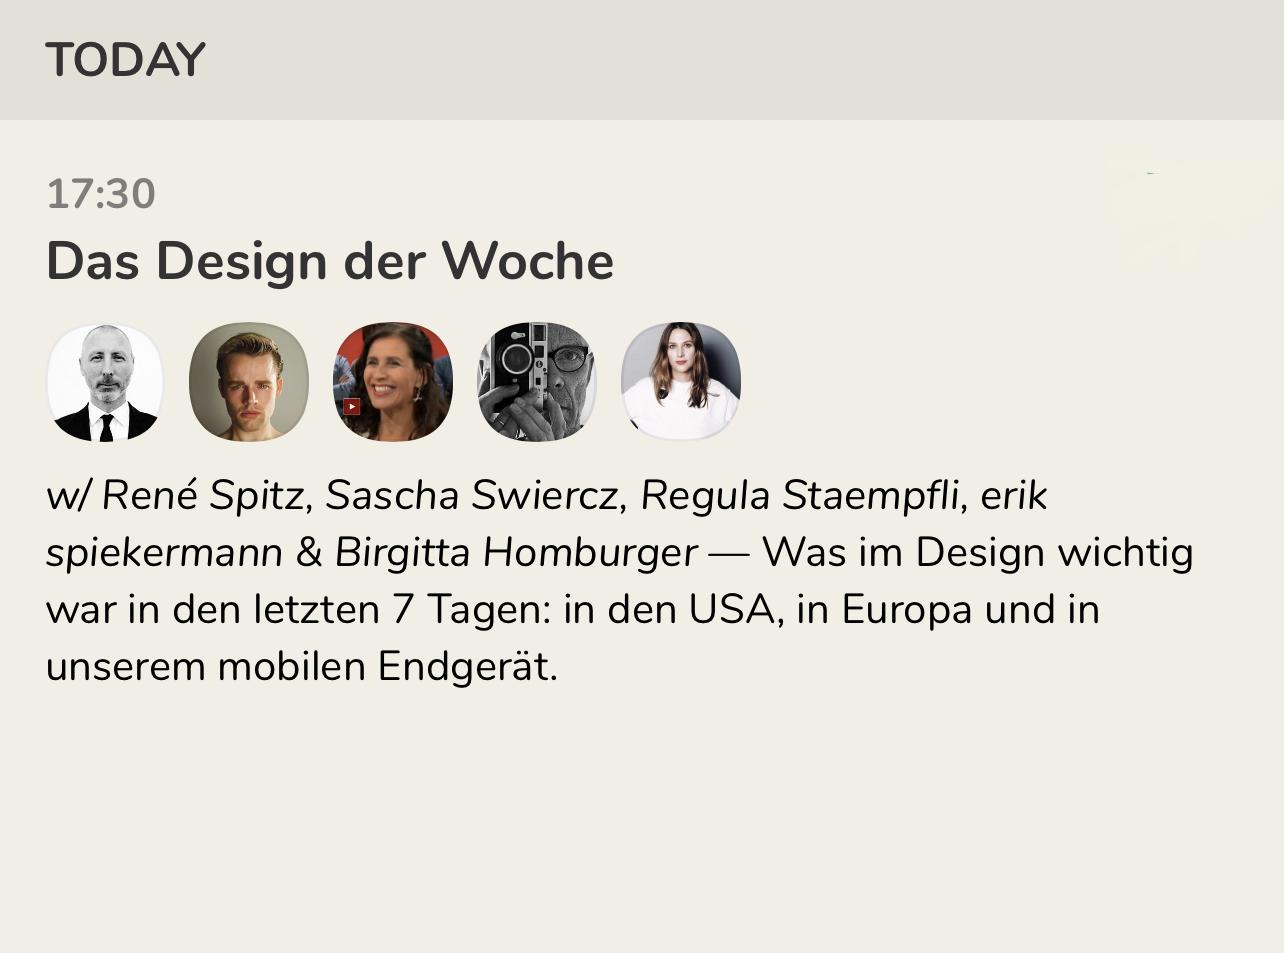 Das Design der Woche